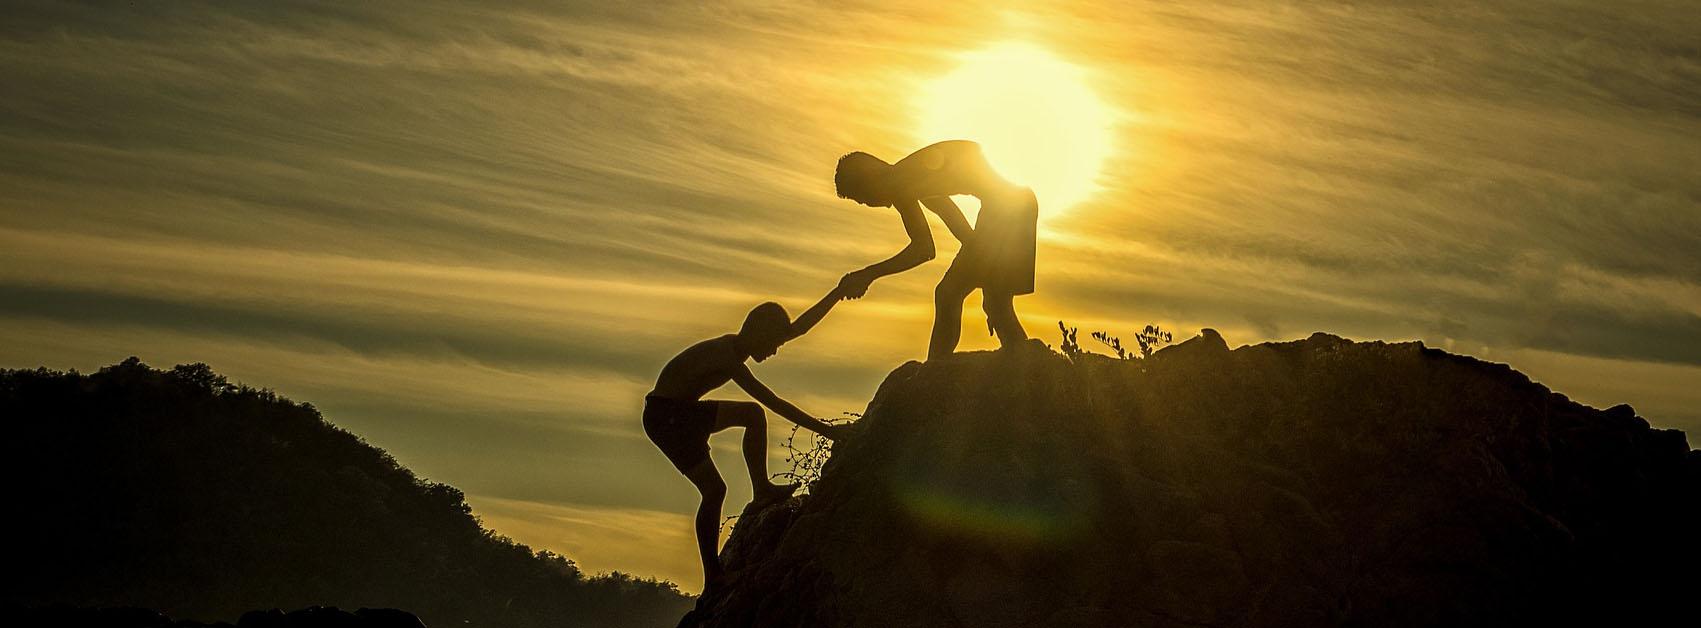 דם עוזר לאדם אחר לטפס על צוק